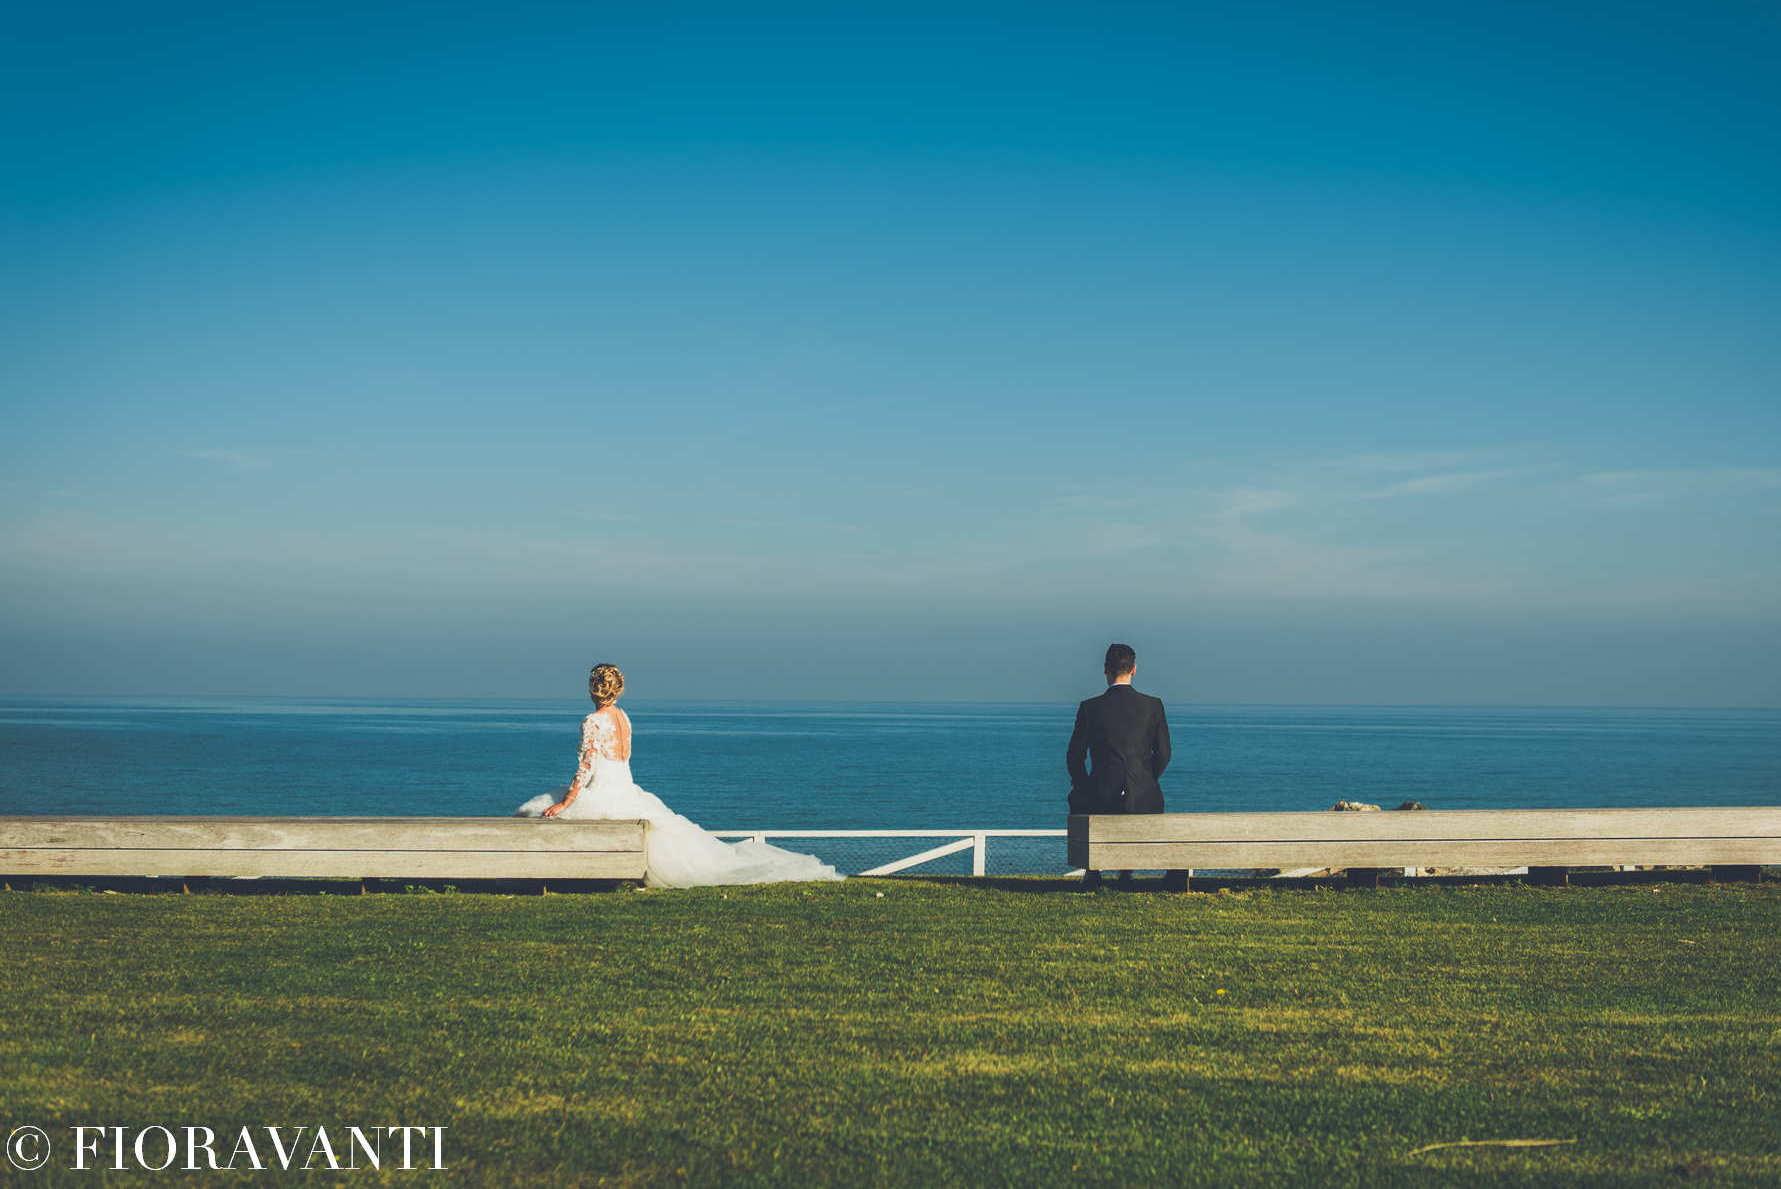 Fotografo matrimoni Marche Studio Fotografico Fioravanti Ascoli Piceno Livio Fioravanti Fotografo Matrimonio Ascoli Piceno Acquasanta 38